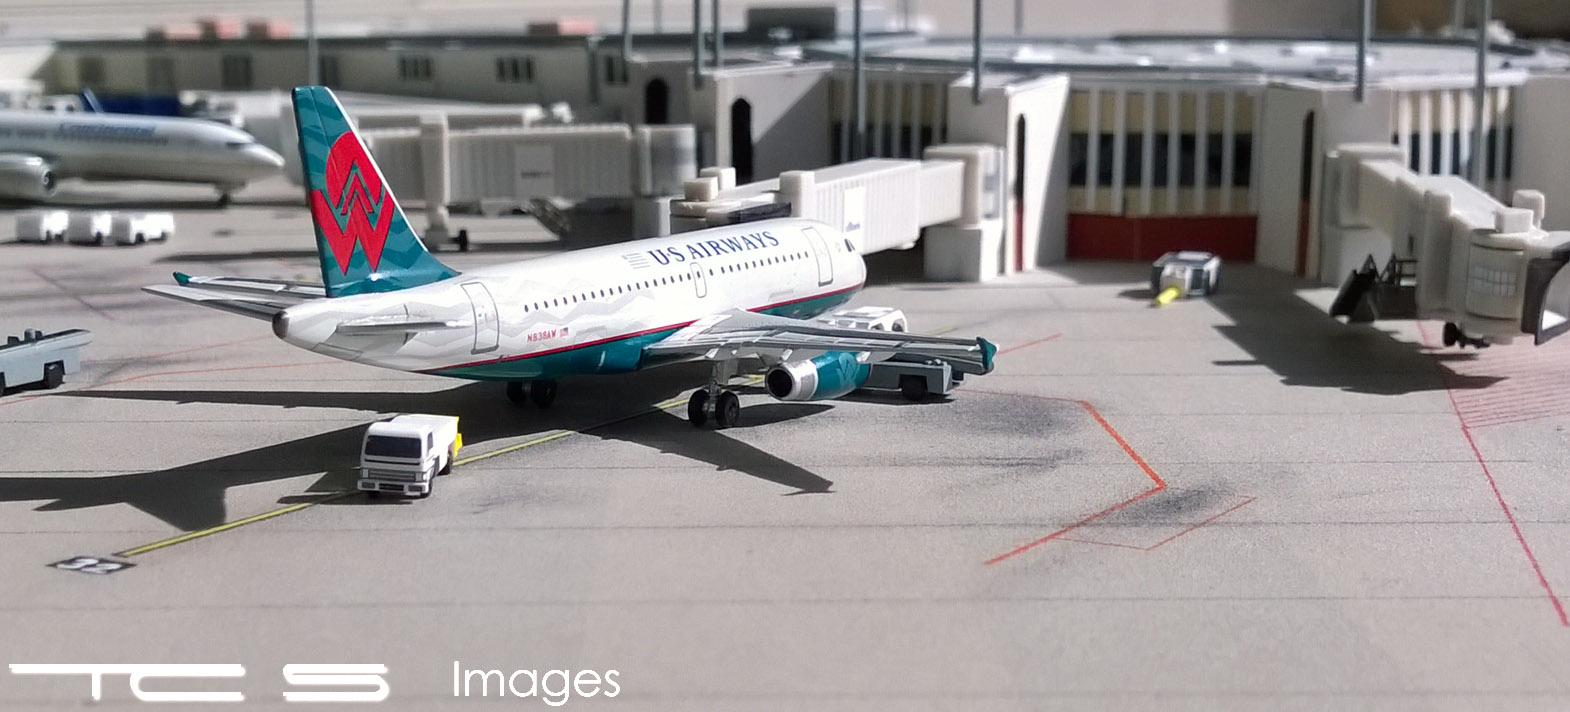 U.S. Airways A319